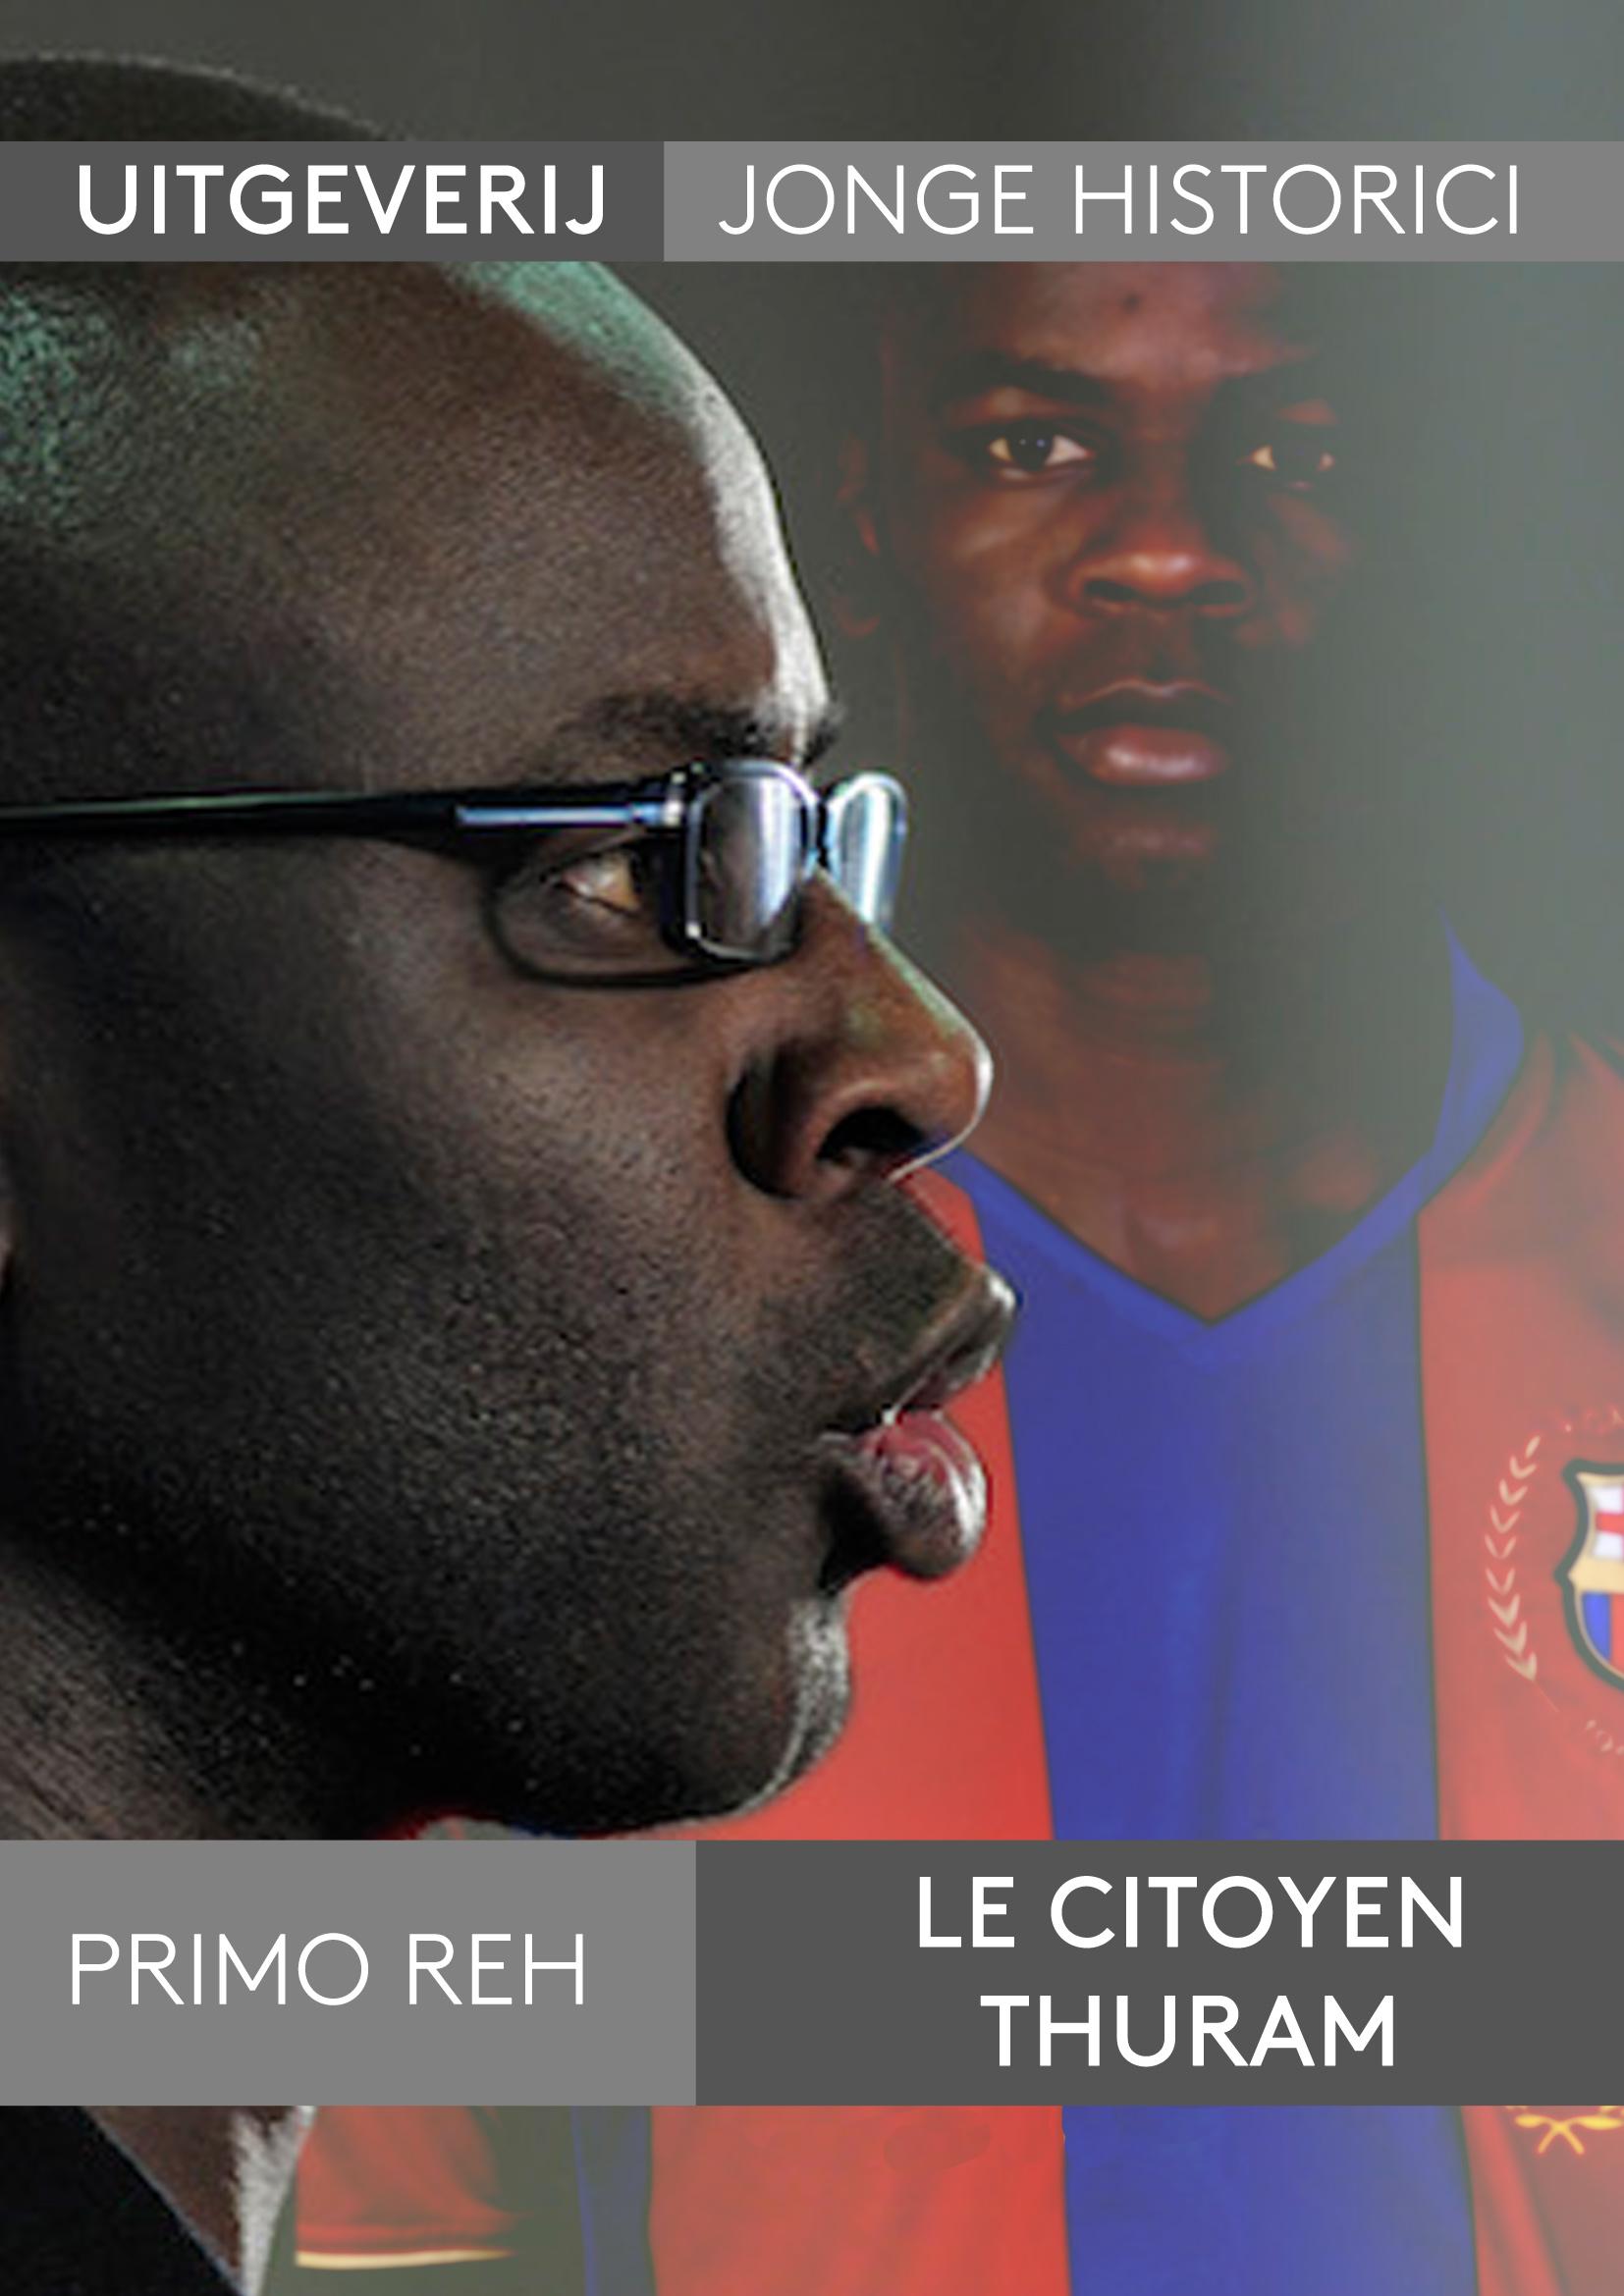 Longread: Primo Reh, Bejubeld en verguisd: l'Équipe de France als lichtend voorbeeld binnen een donker sociaal klimaat